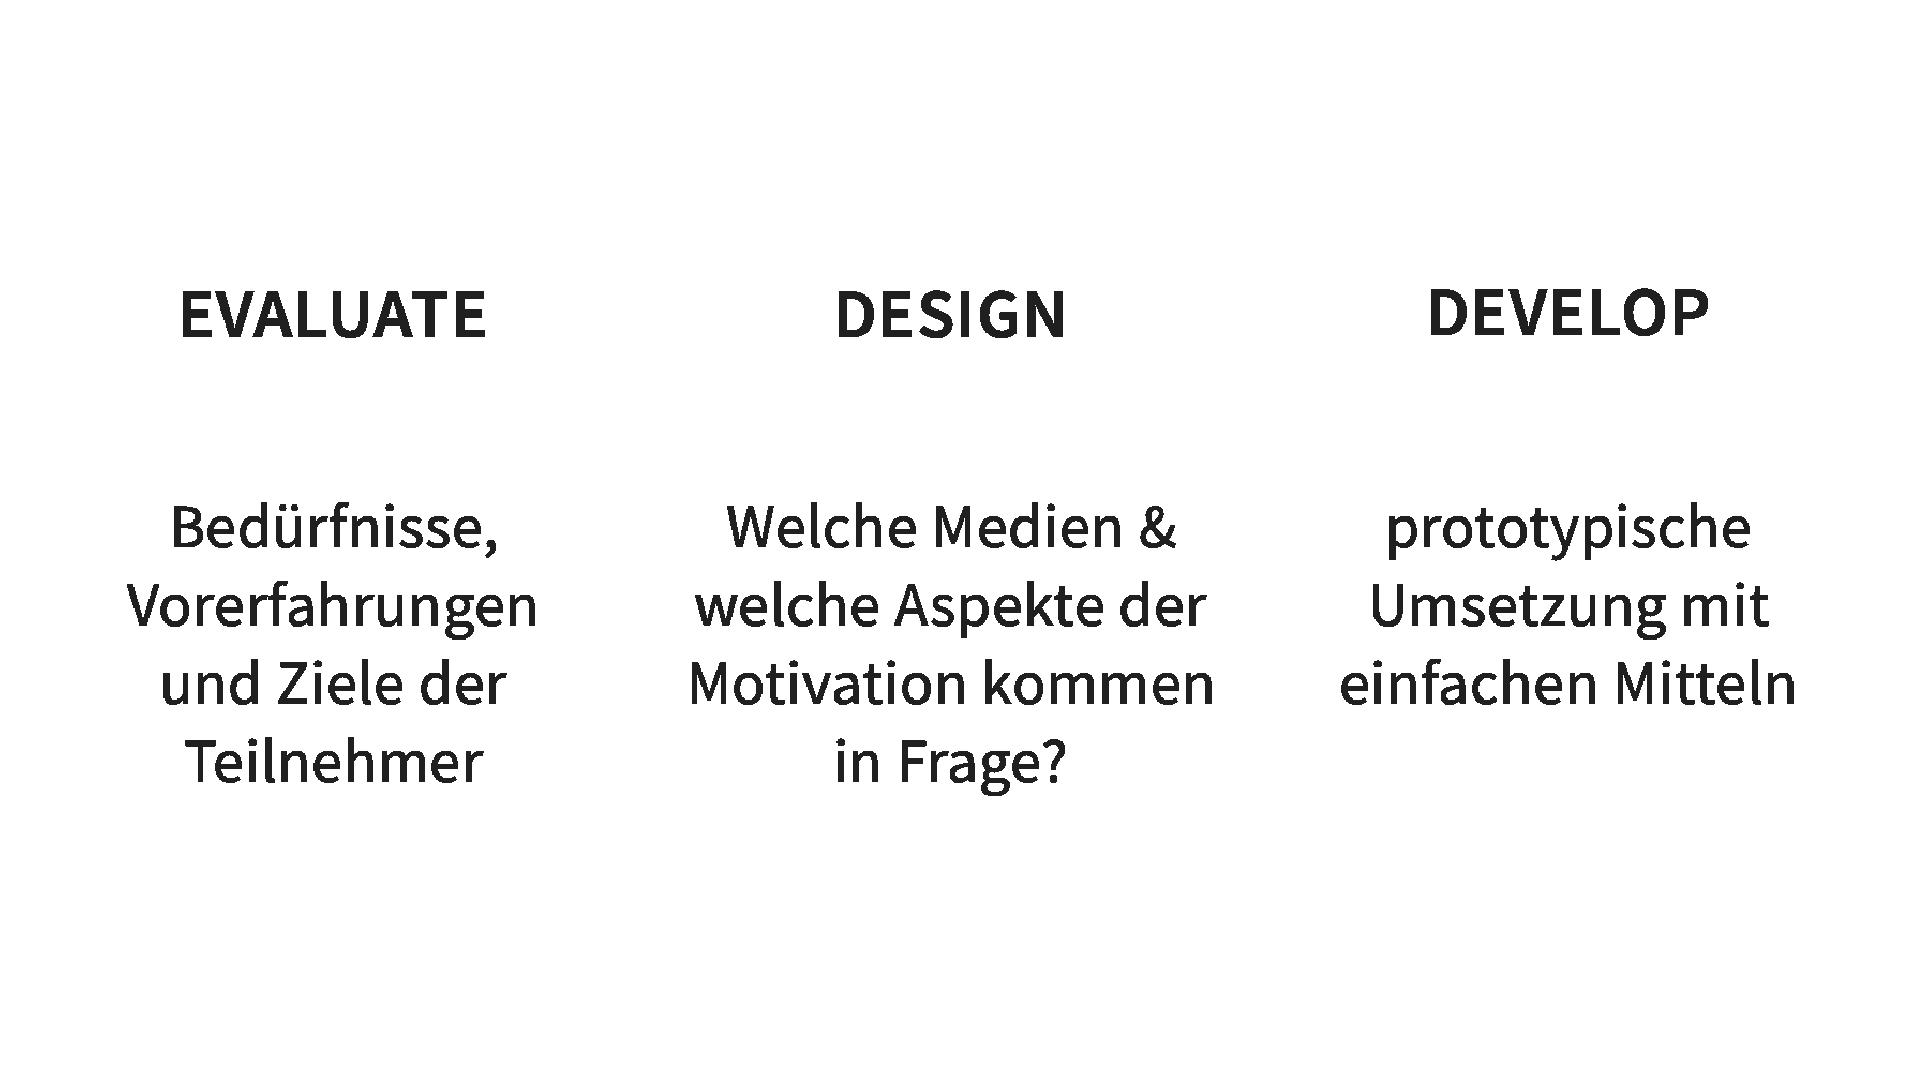 Die drei Phasen des SAM Modells: Evaluate, Design, Develop